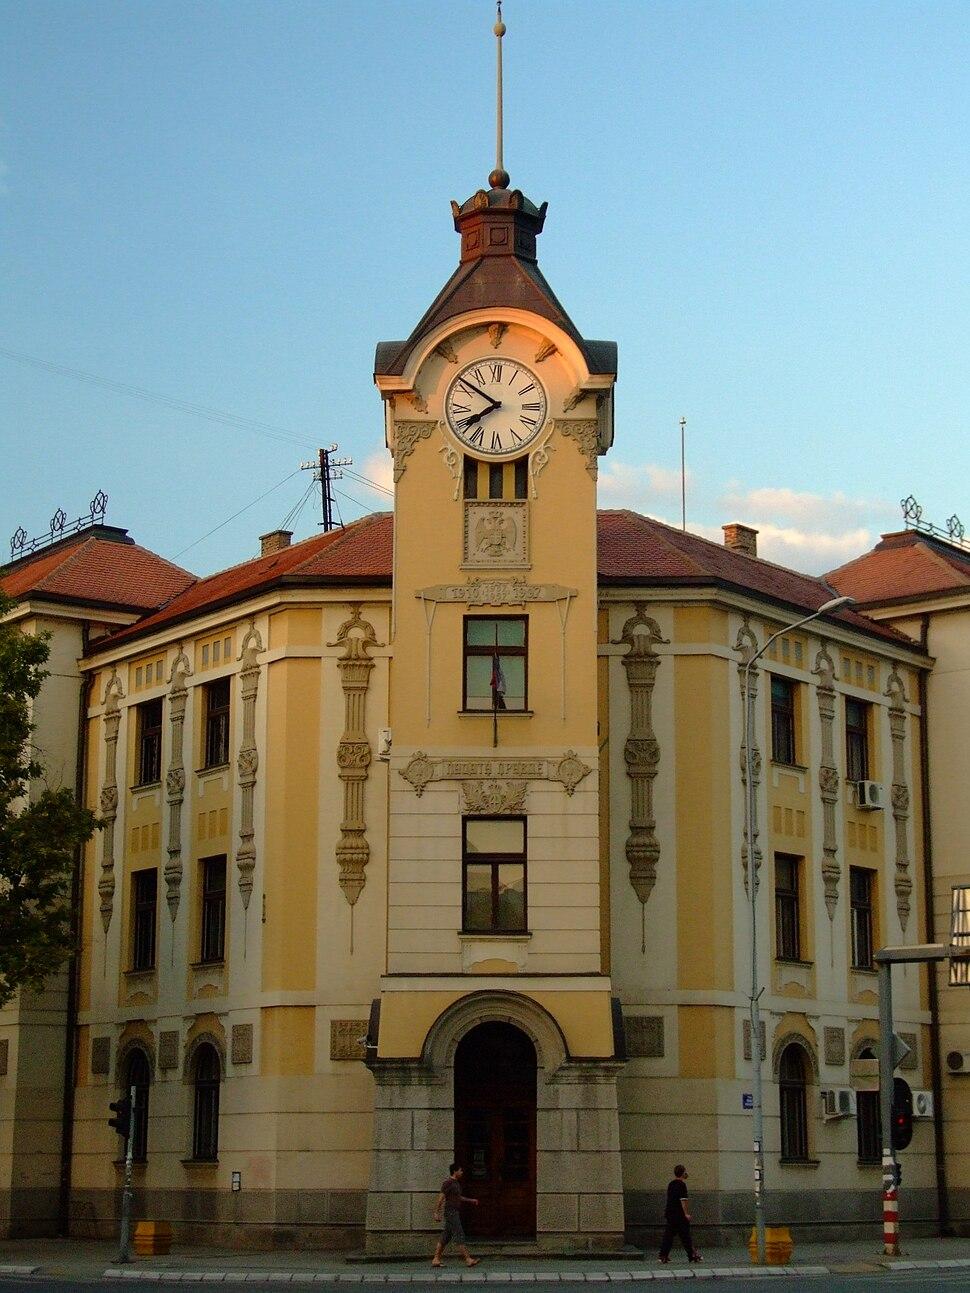 A town hall wannabe.